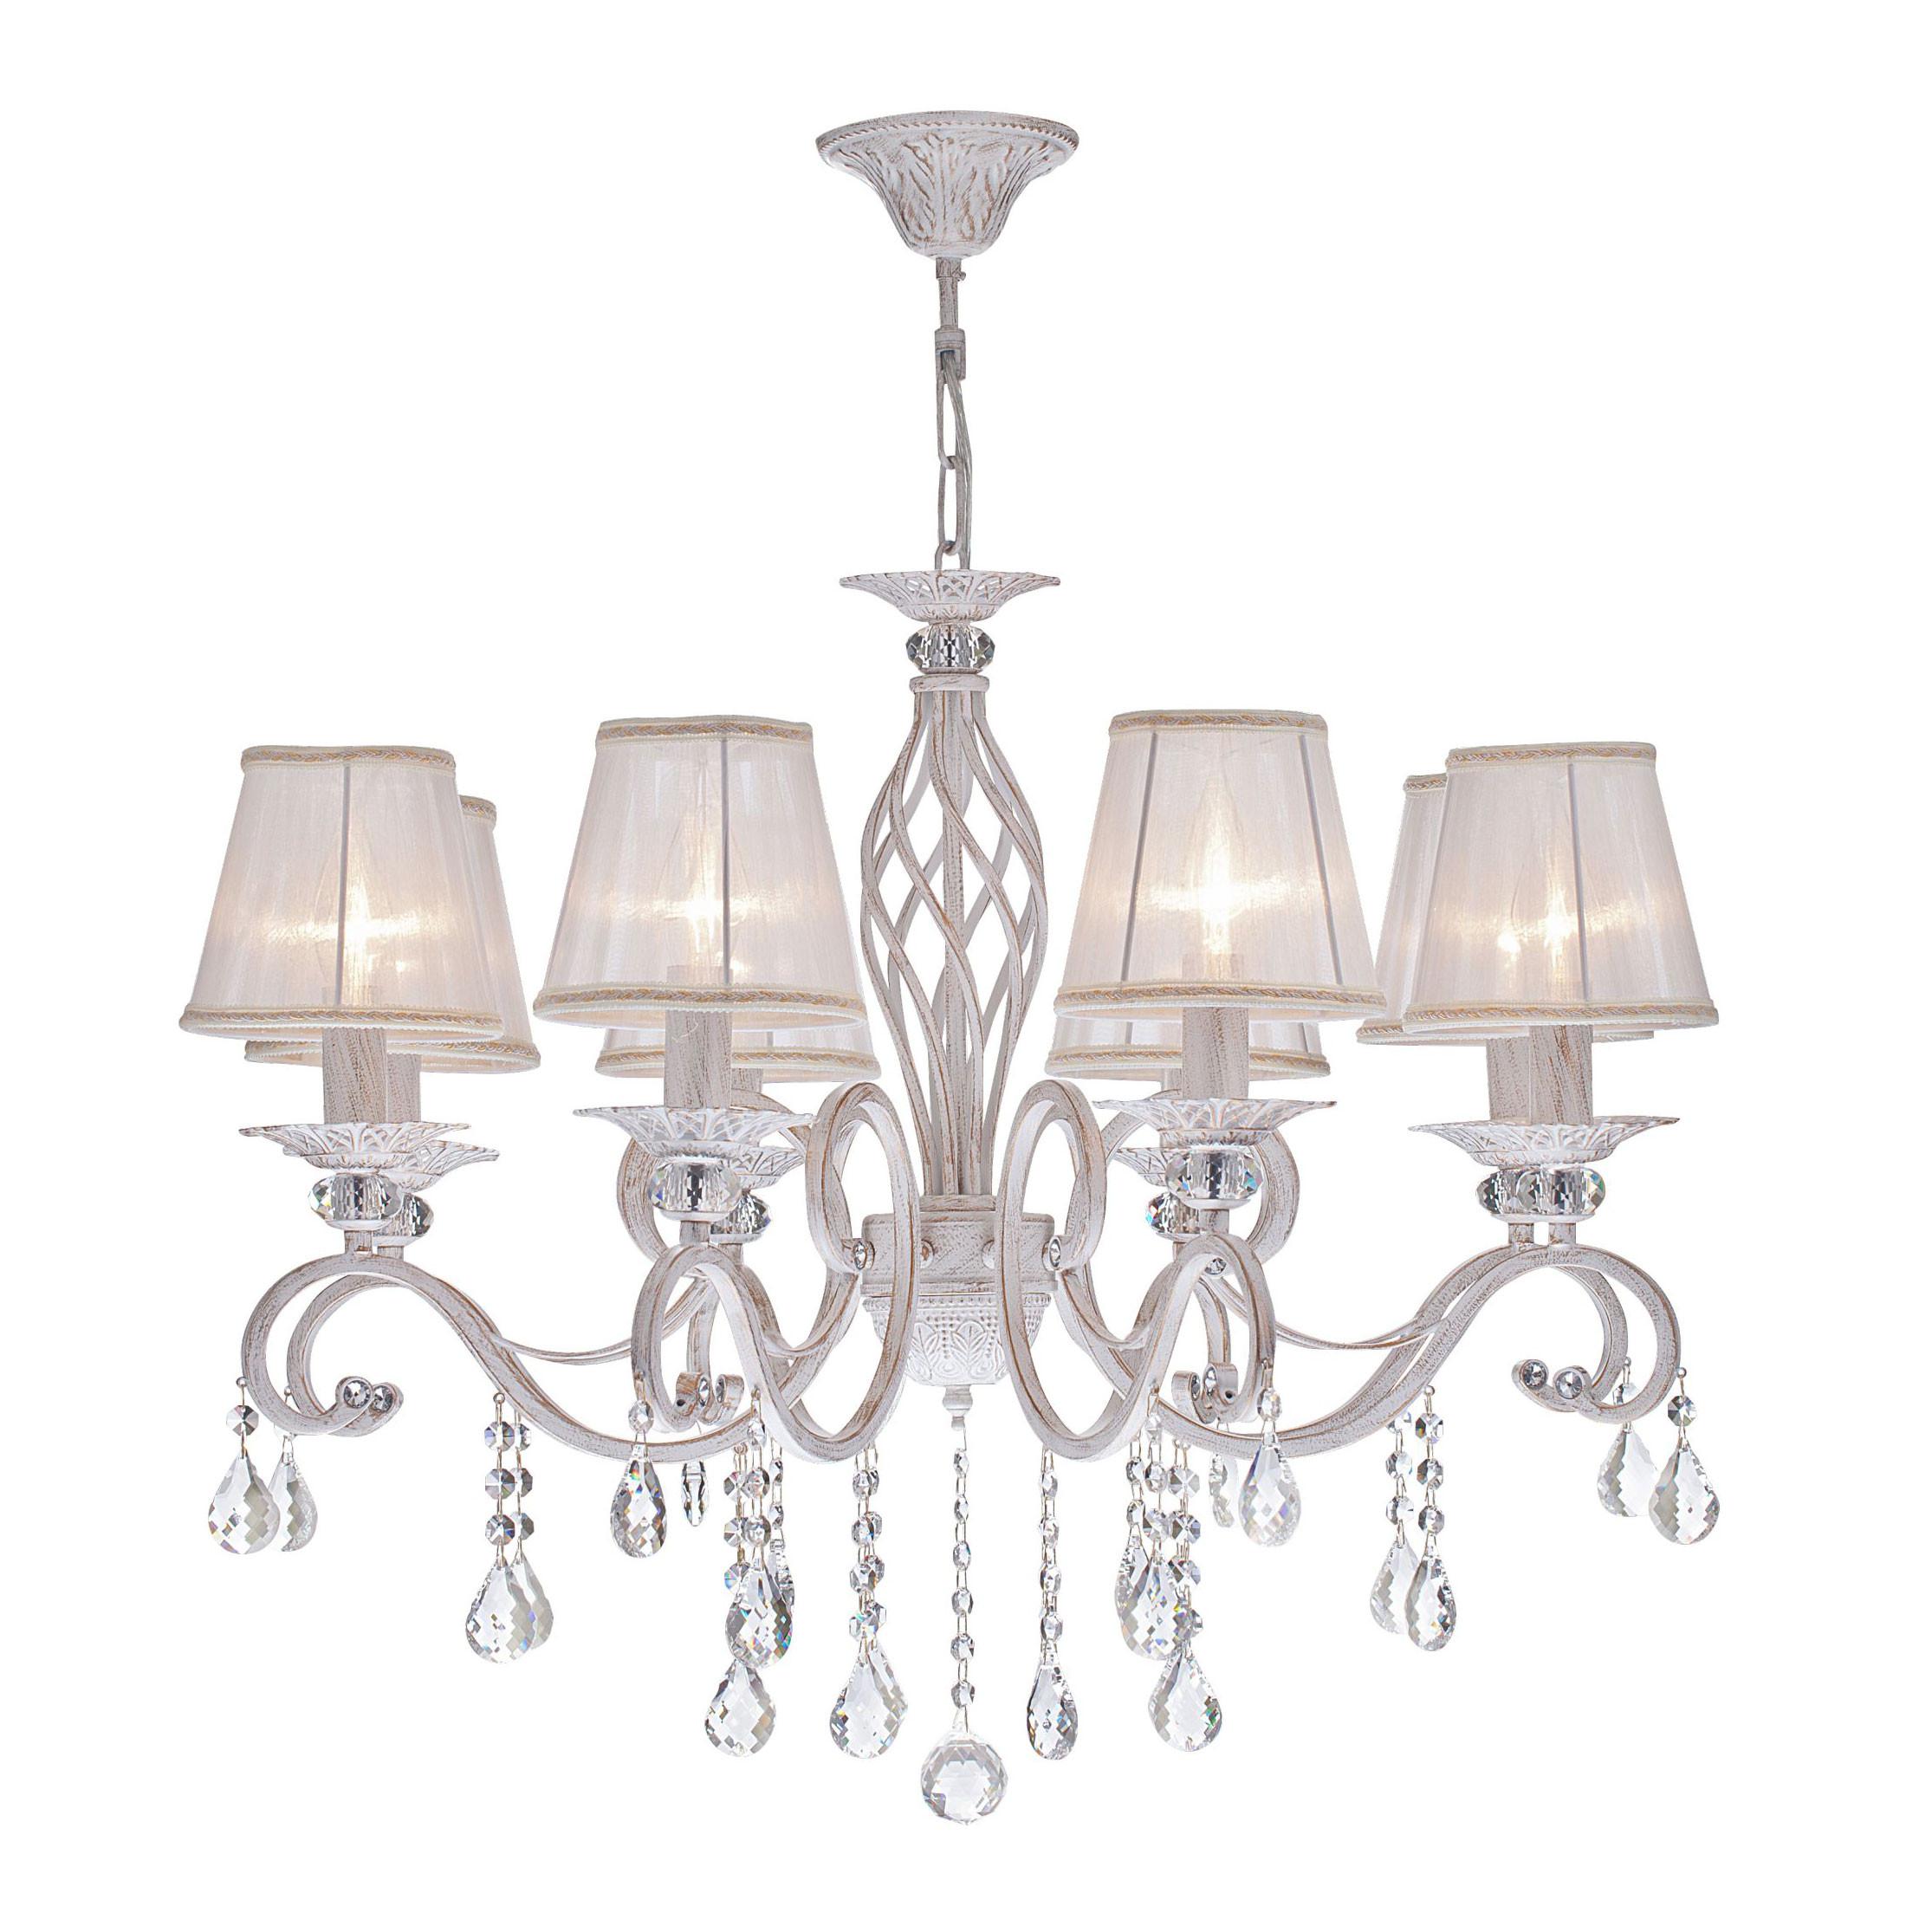 Lampadari Con Bottiglie Di Vetro maytoni lampadario con pendenti in cristallo a otto braccia in stile  classico grace - 40w